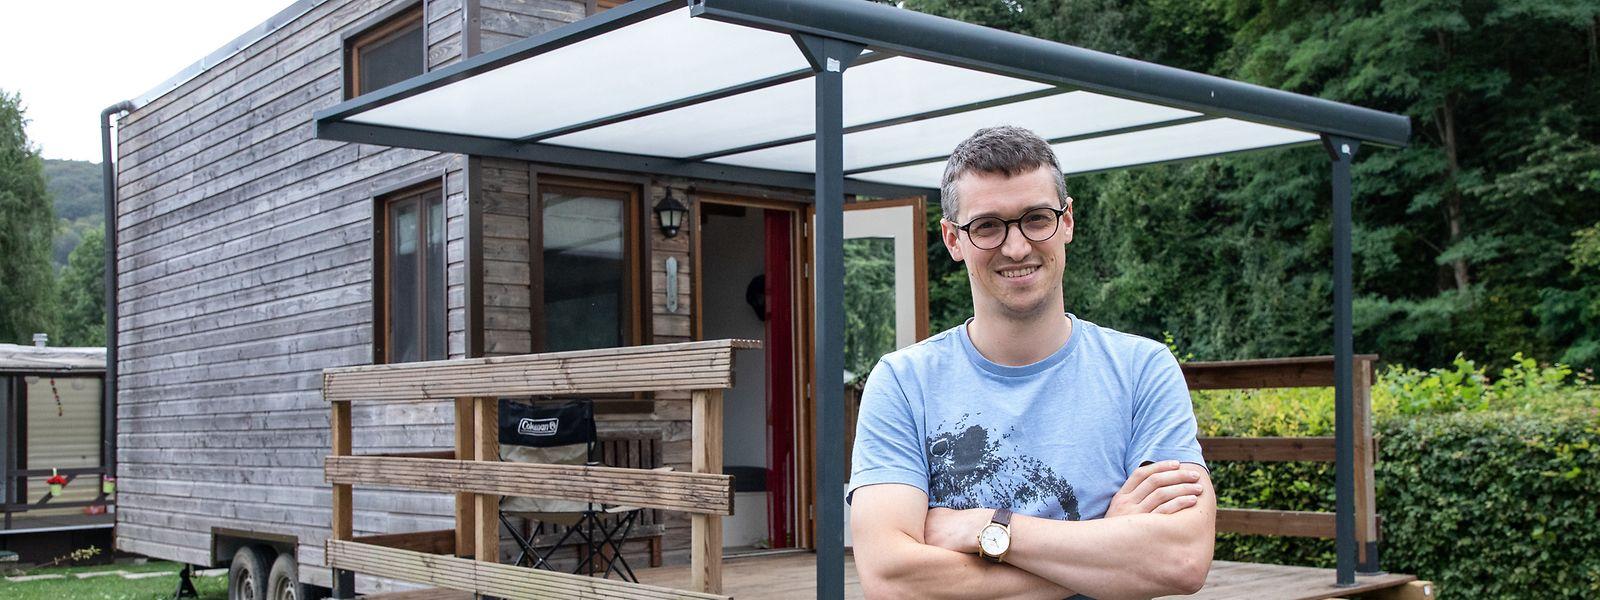 Denis Weinquin könnte auch in ein Mehrfamilienhaus ziehen, doch er hat sich vor Kurzem für ein Leben in einem Tiny House entschieden.